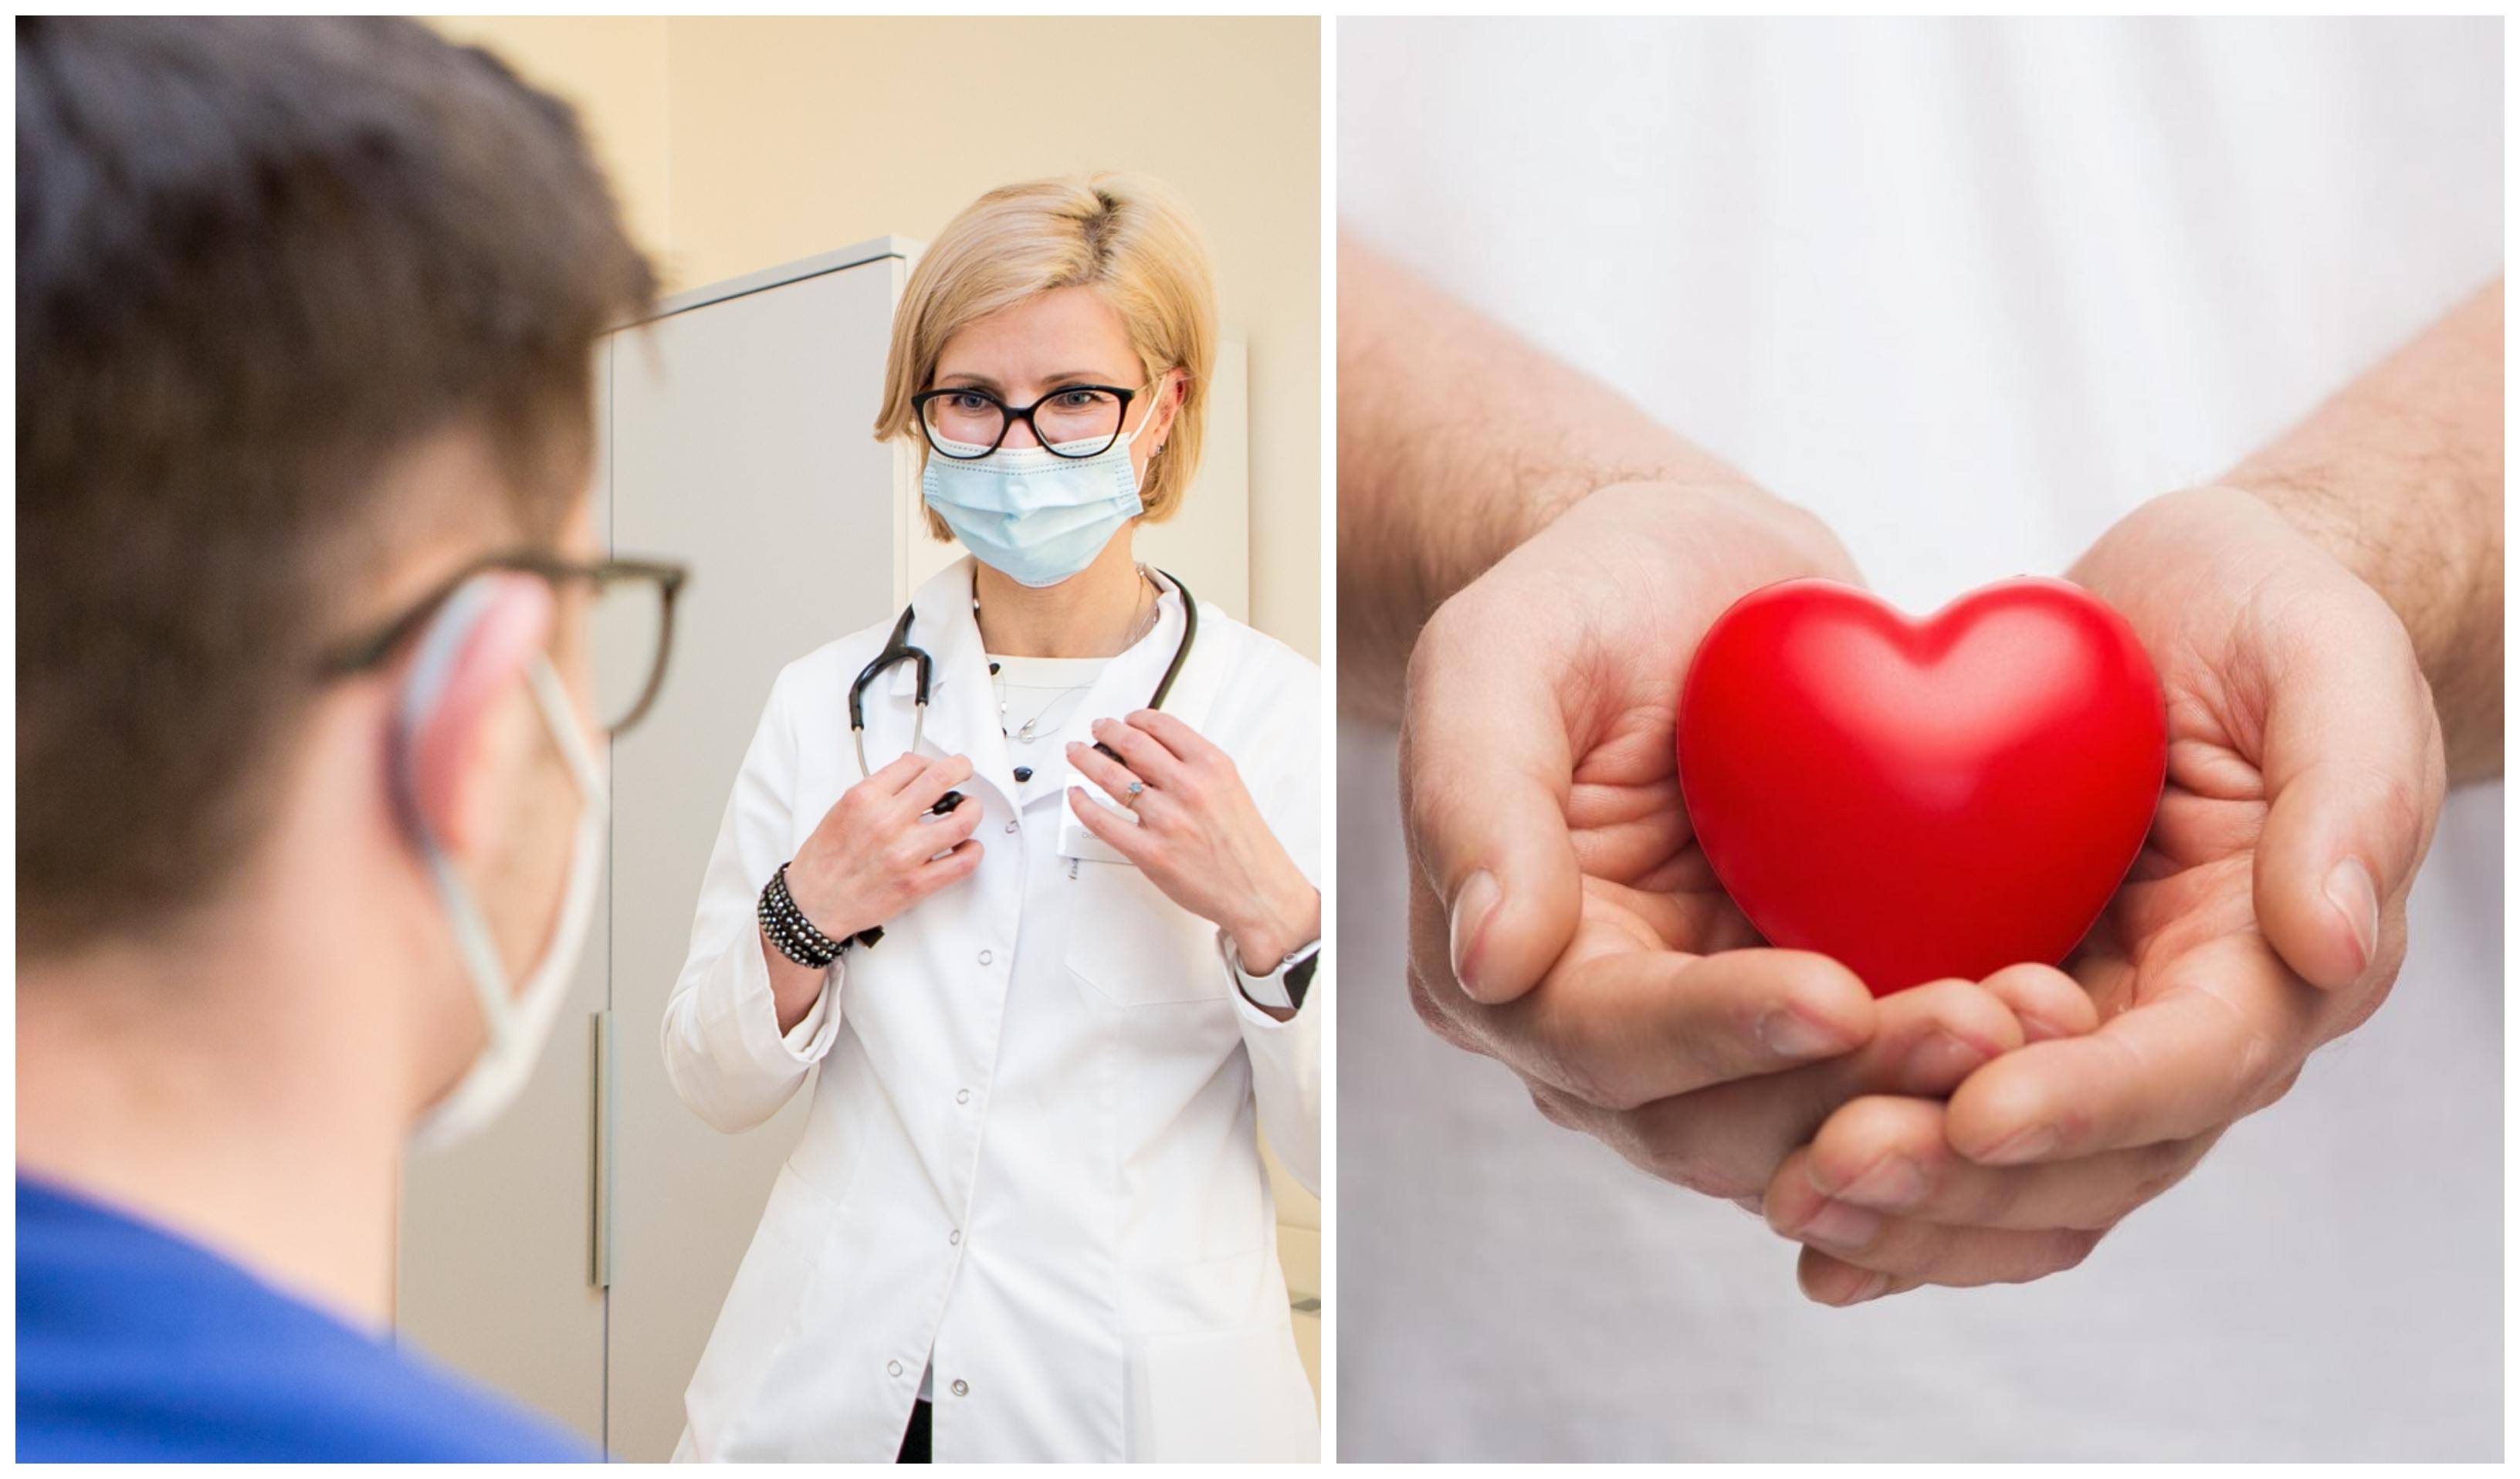 kaip gydyti širdies hipertenziją kiek gyvena su 2 laipsnio hipertenzija